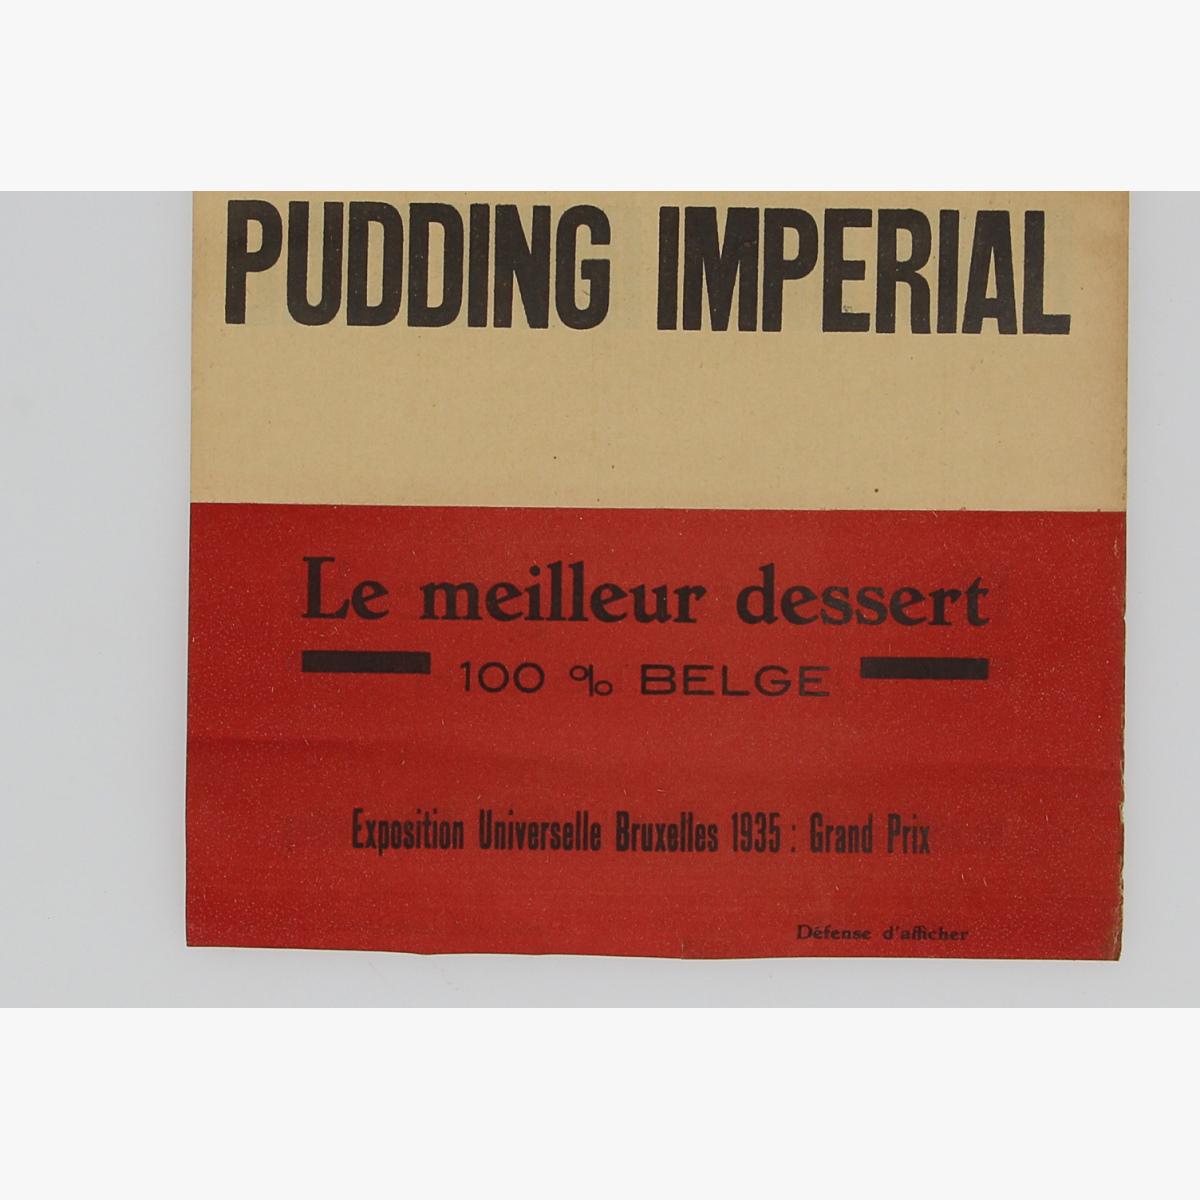 Afbeeldingen van wereld tentoonstelling 1935 bxl pudding imperial vlagje